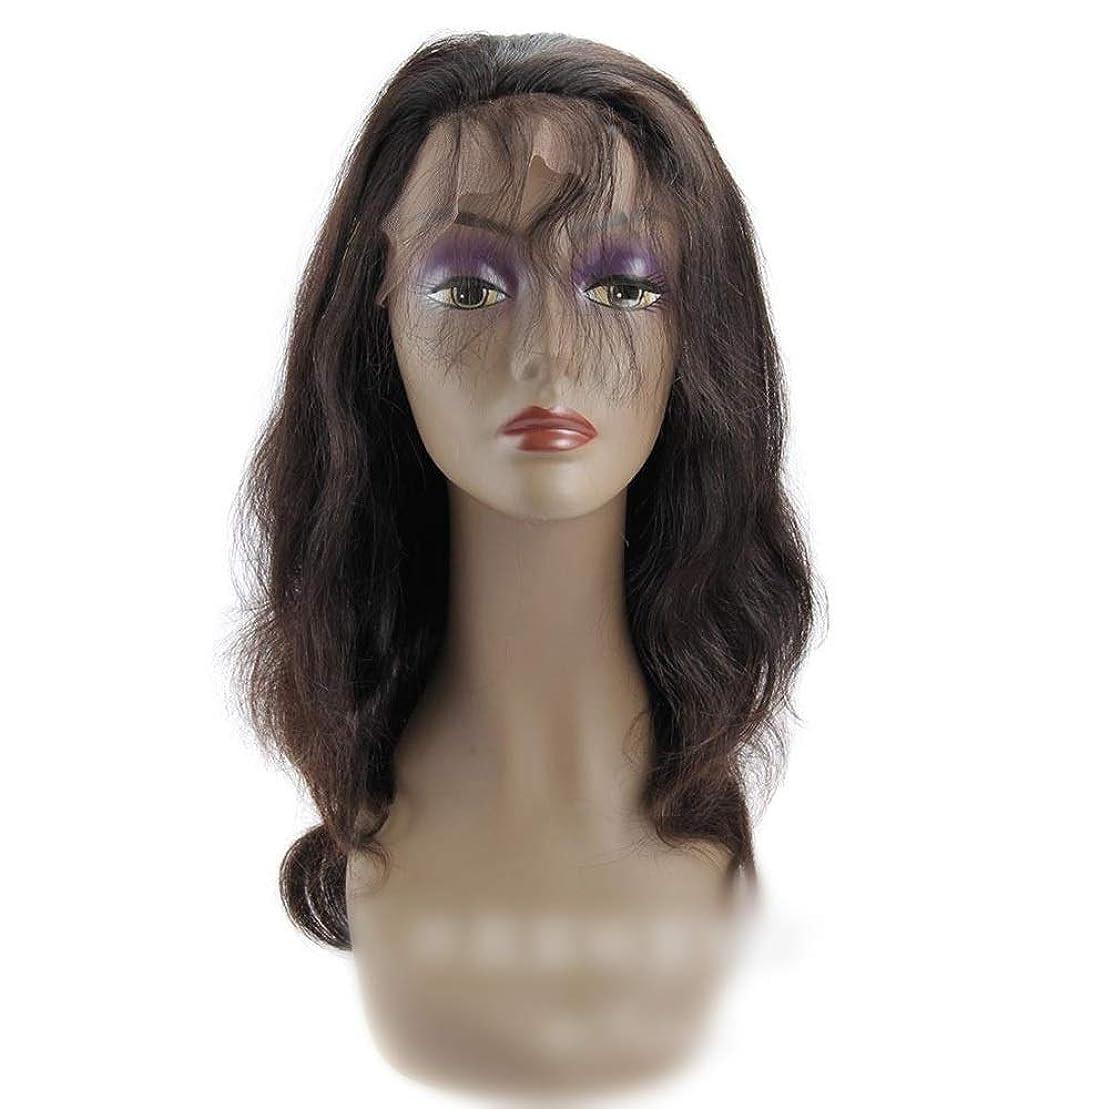 眠いです落ち着いて不定YESONEEP 360レース前頭かつらブラジルバージンヘアエクステンションボディウェーブ人間の髪の毛のかつら女性のかつら (色 : 黒, サイズ : 20 inch)